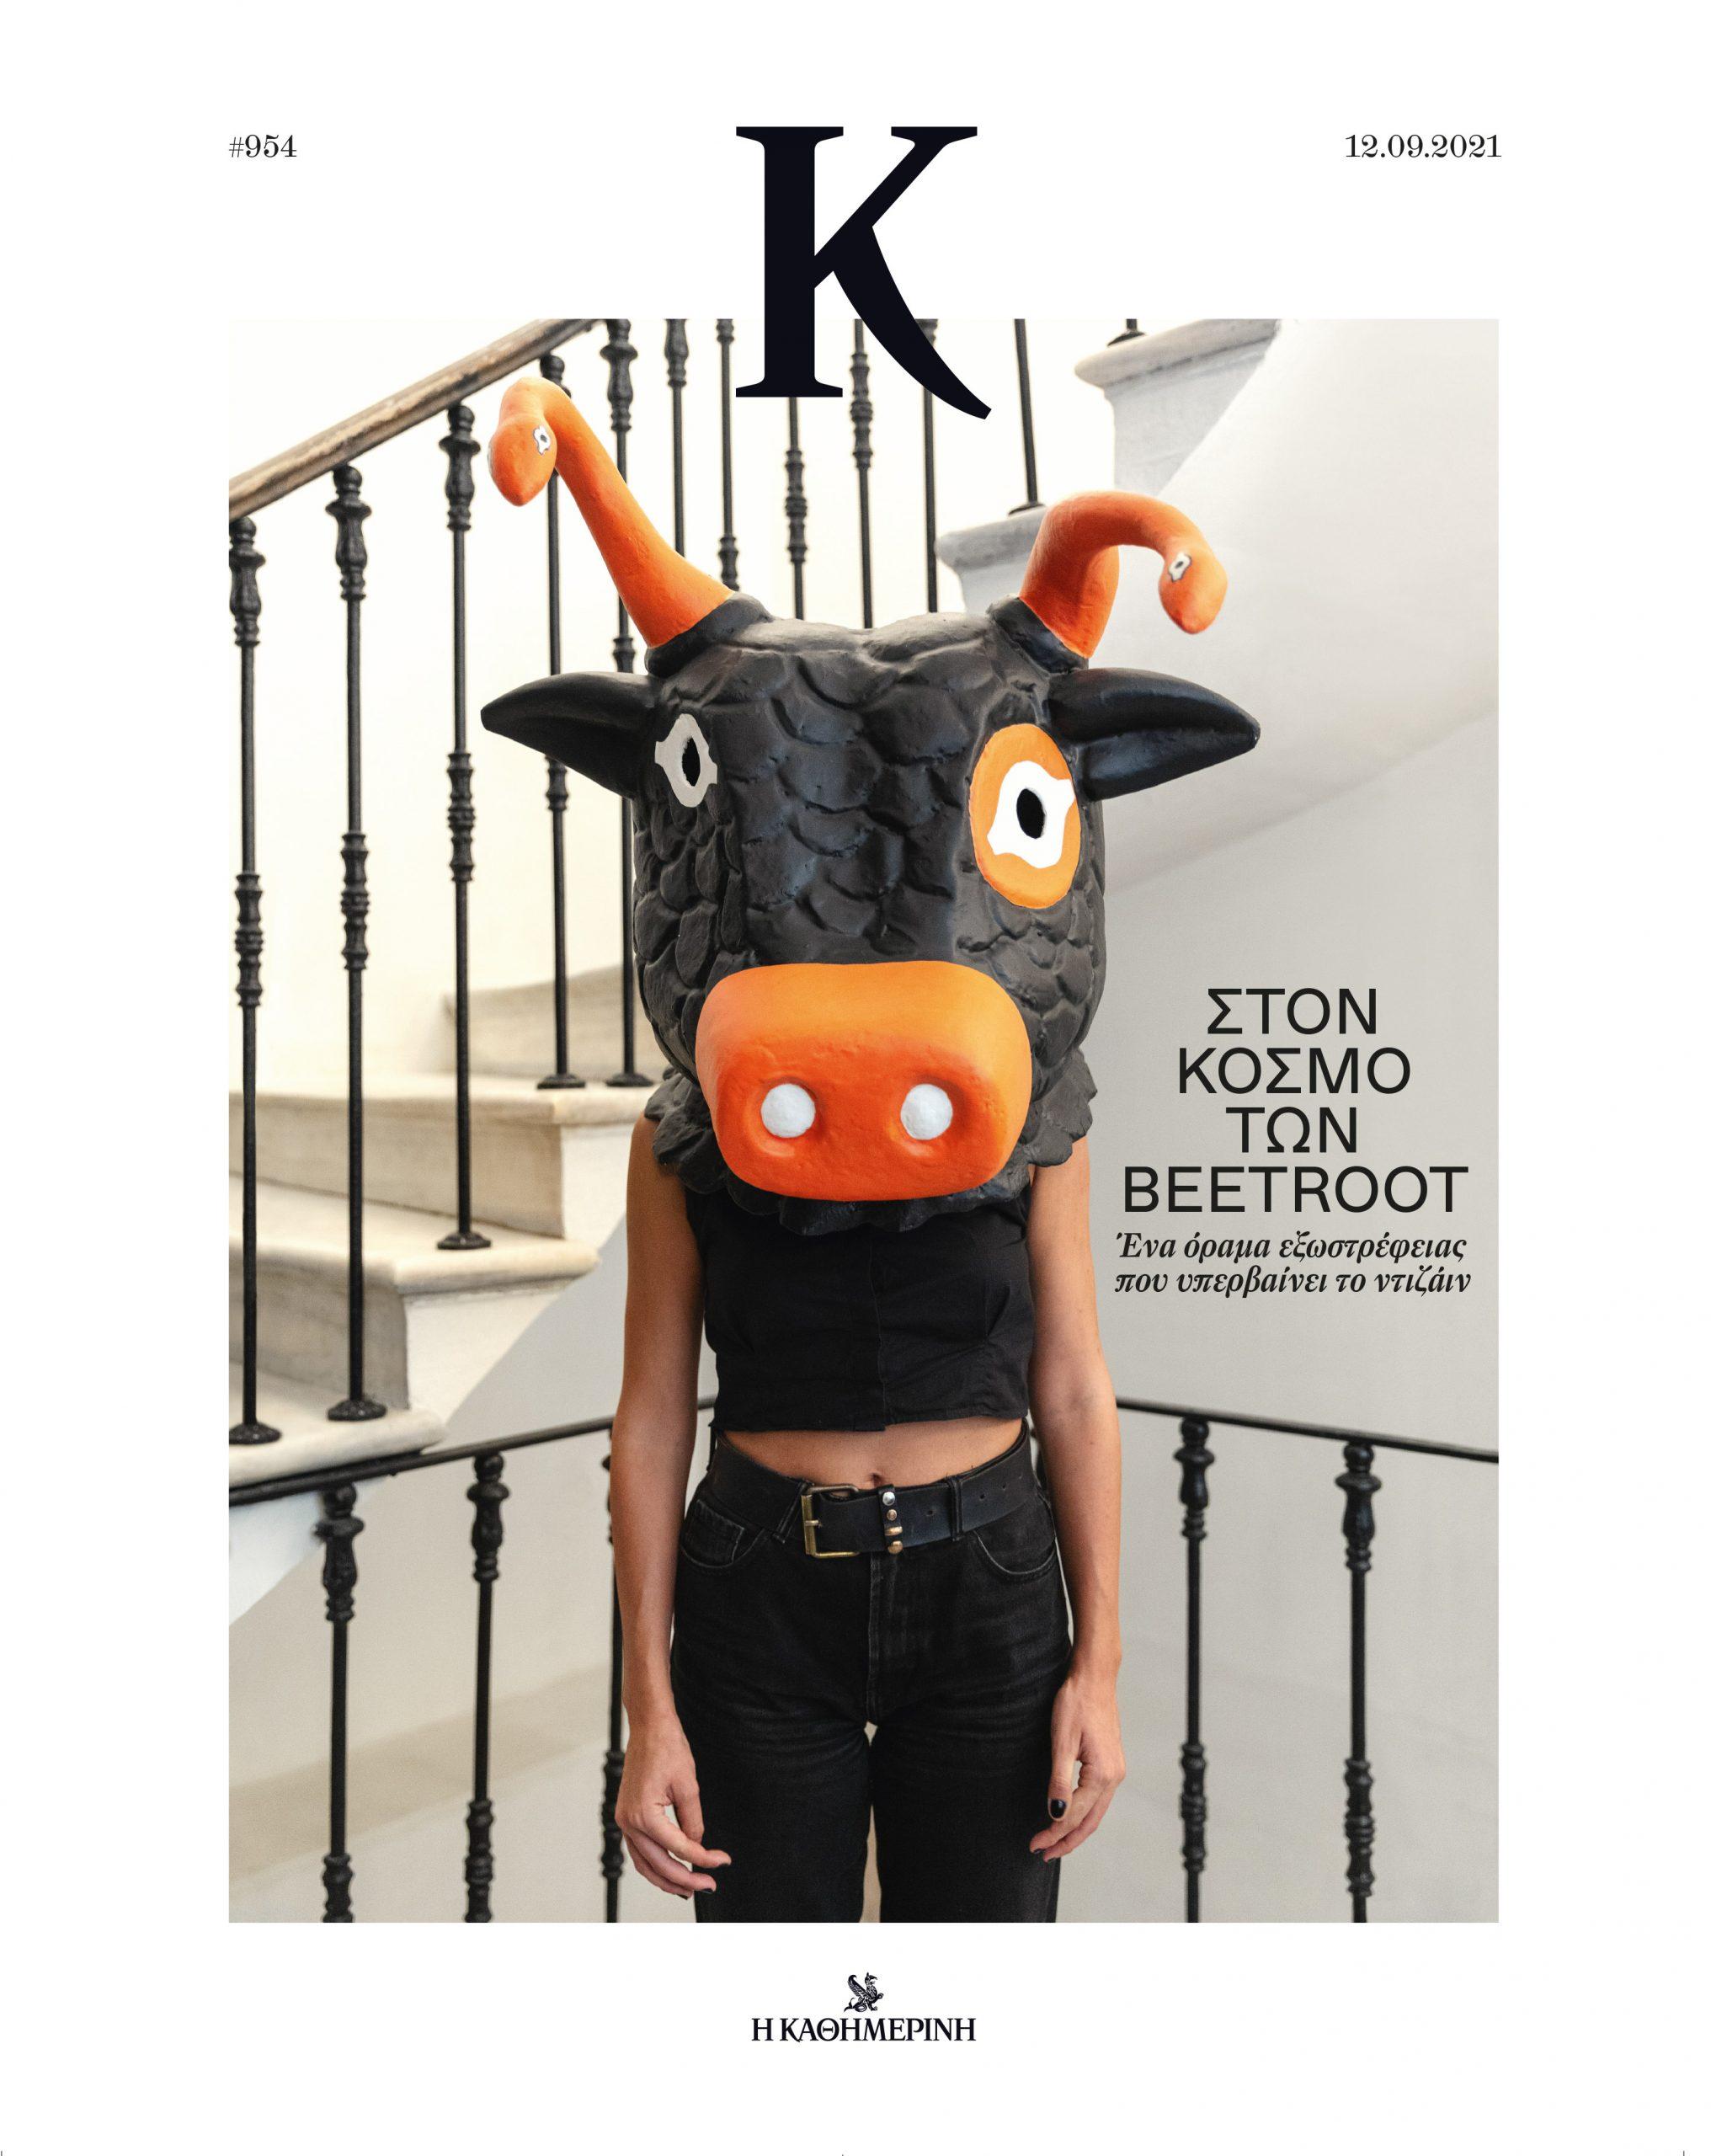 ston-kosmo-ton-beetroot0